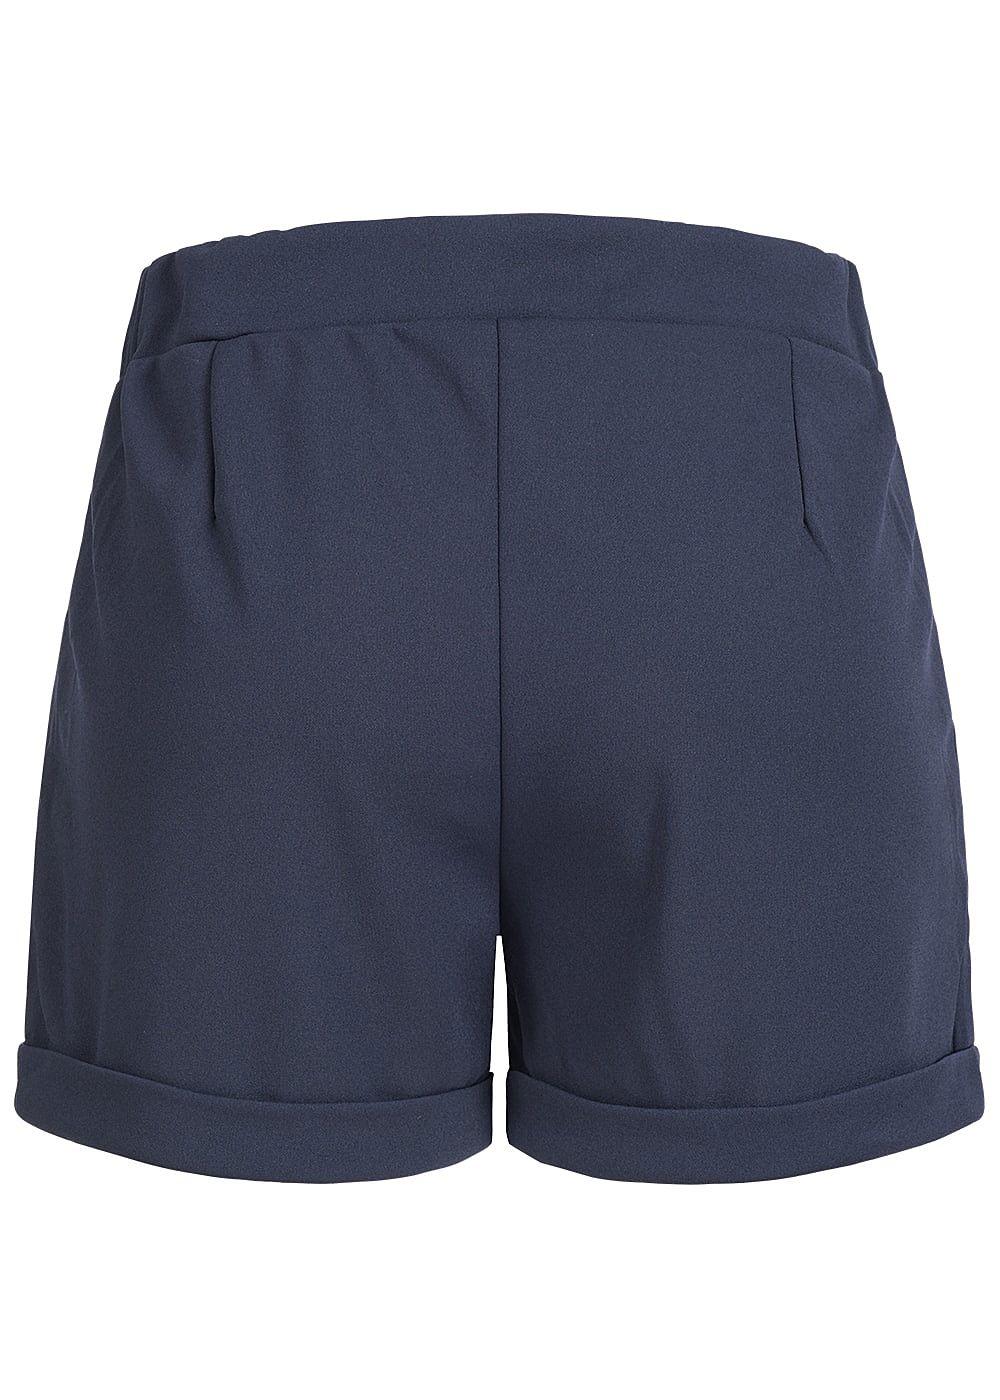 87a97fb27fa9a6 Styleboom Fashion Damen Paper-Bag Shorts 2 Taschen Bindegürtel navy ...